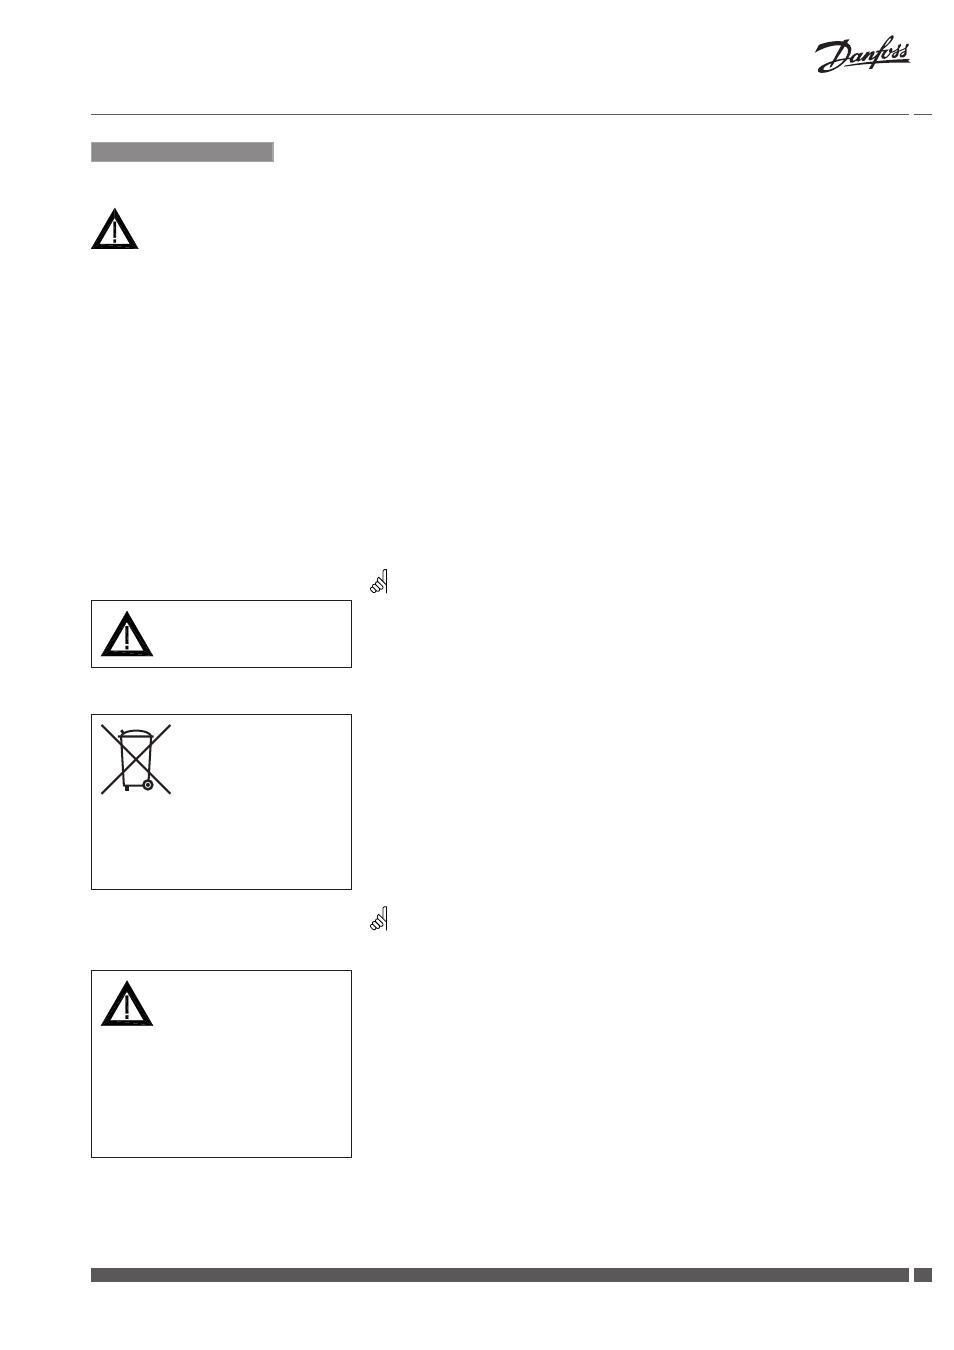 Ame 435 Danfoss инструкция